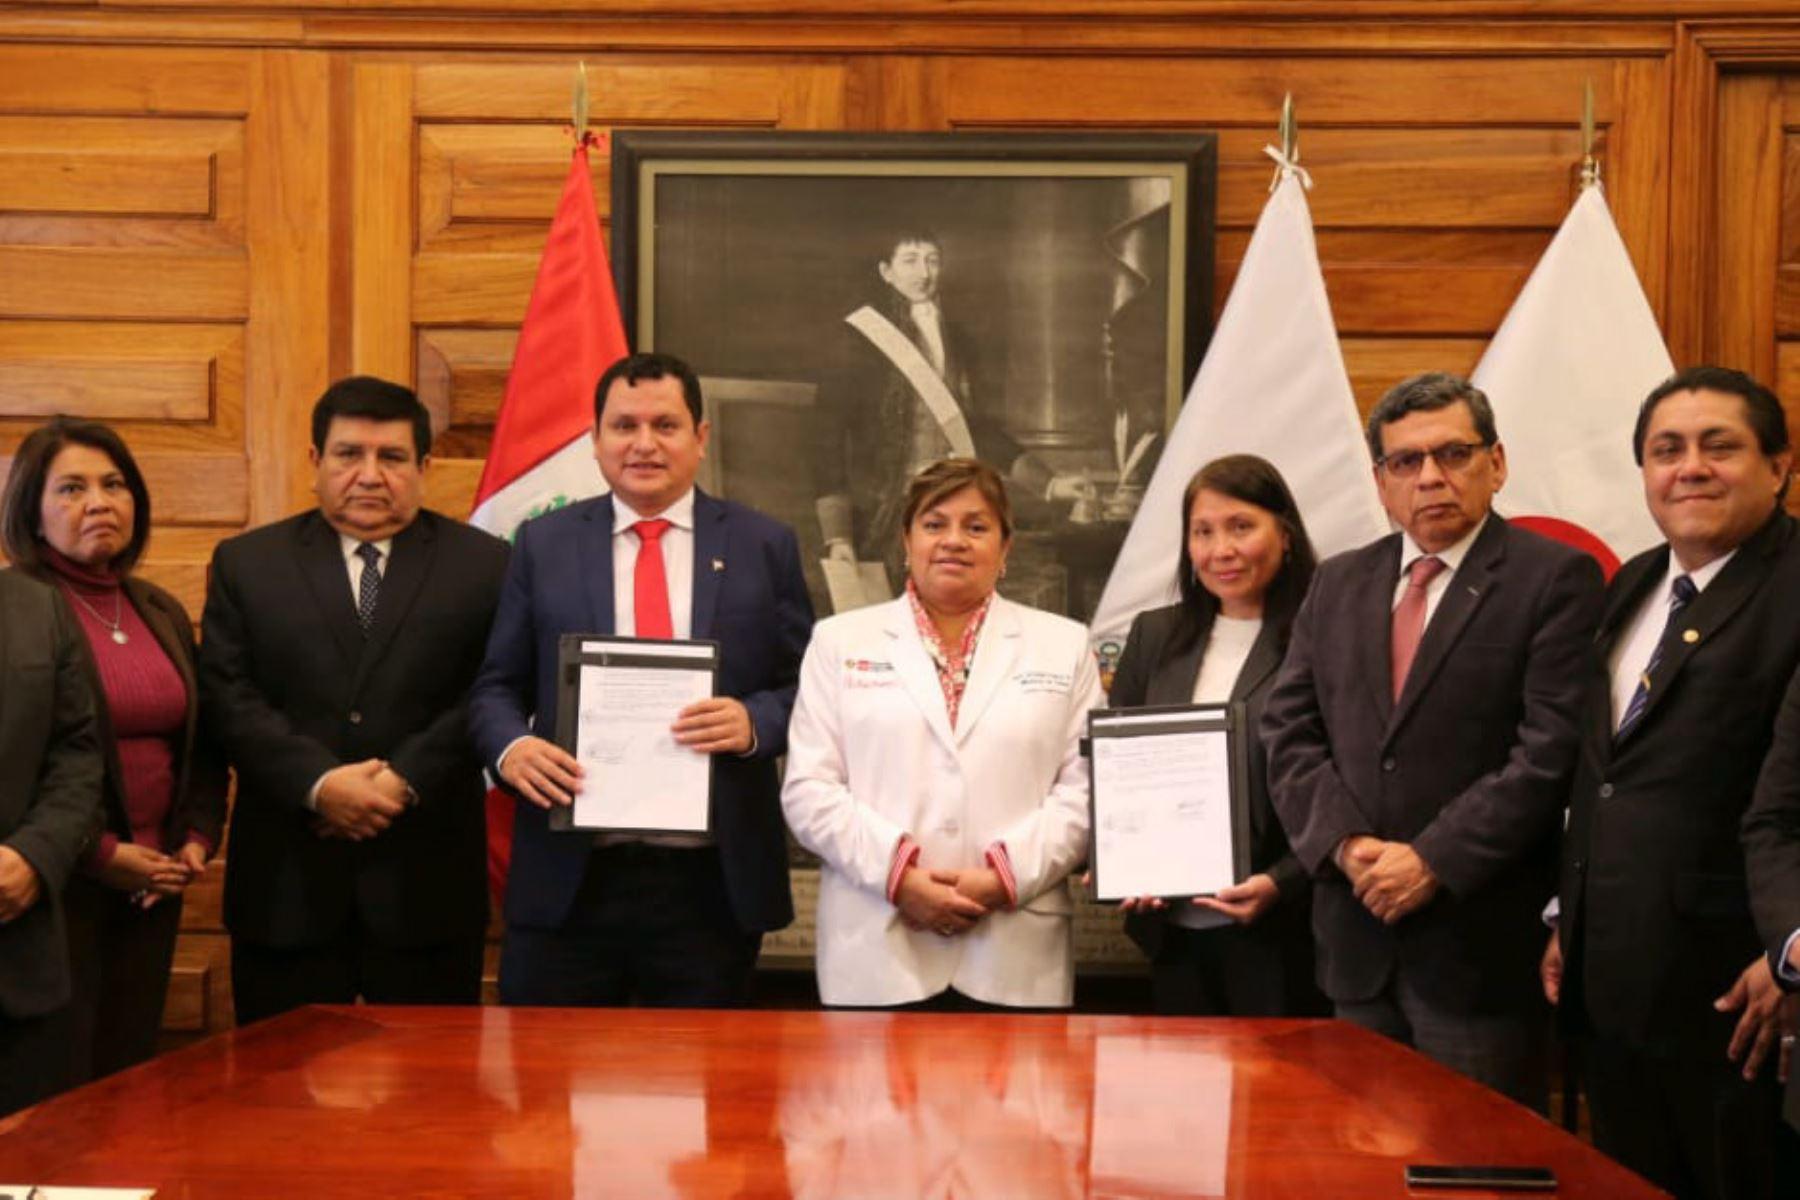 El Minsa y región Piura firman convenio para construir hospital de alta complejidad.